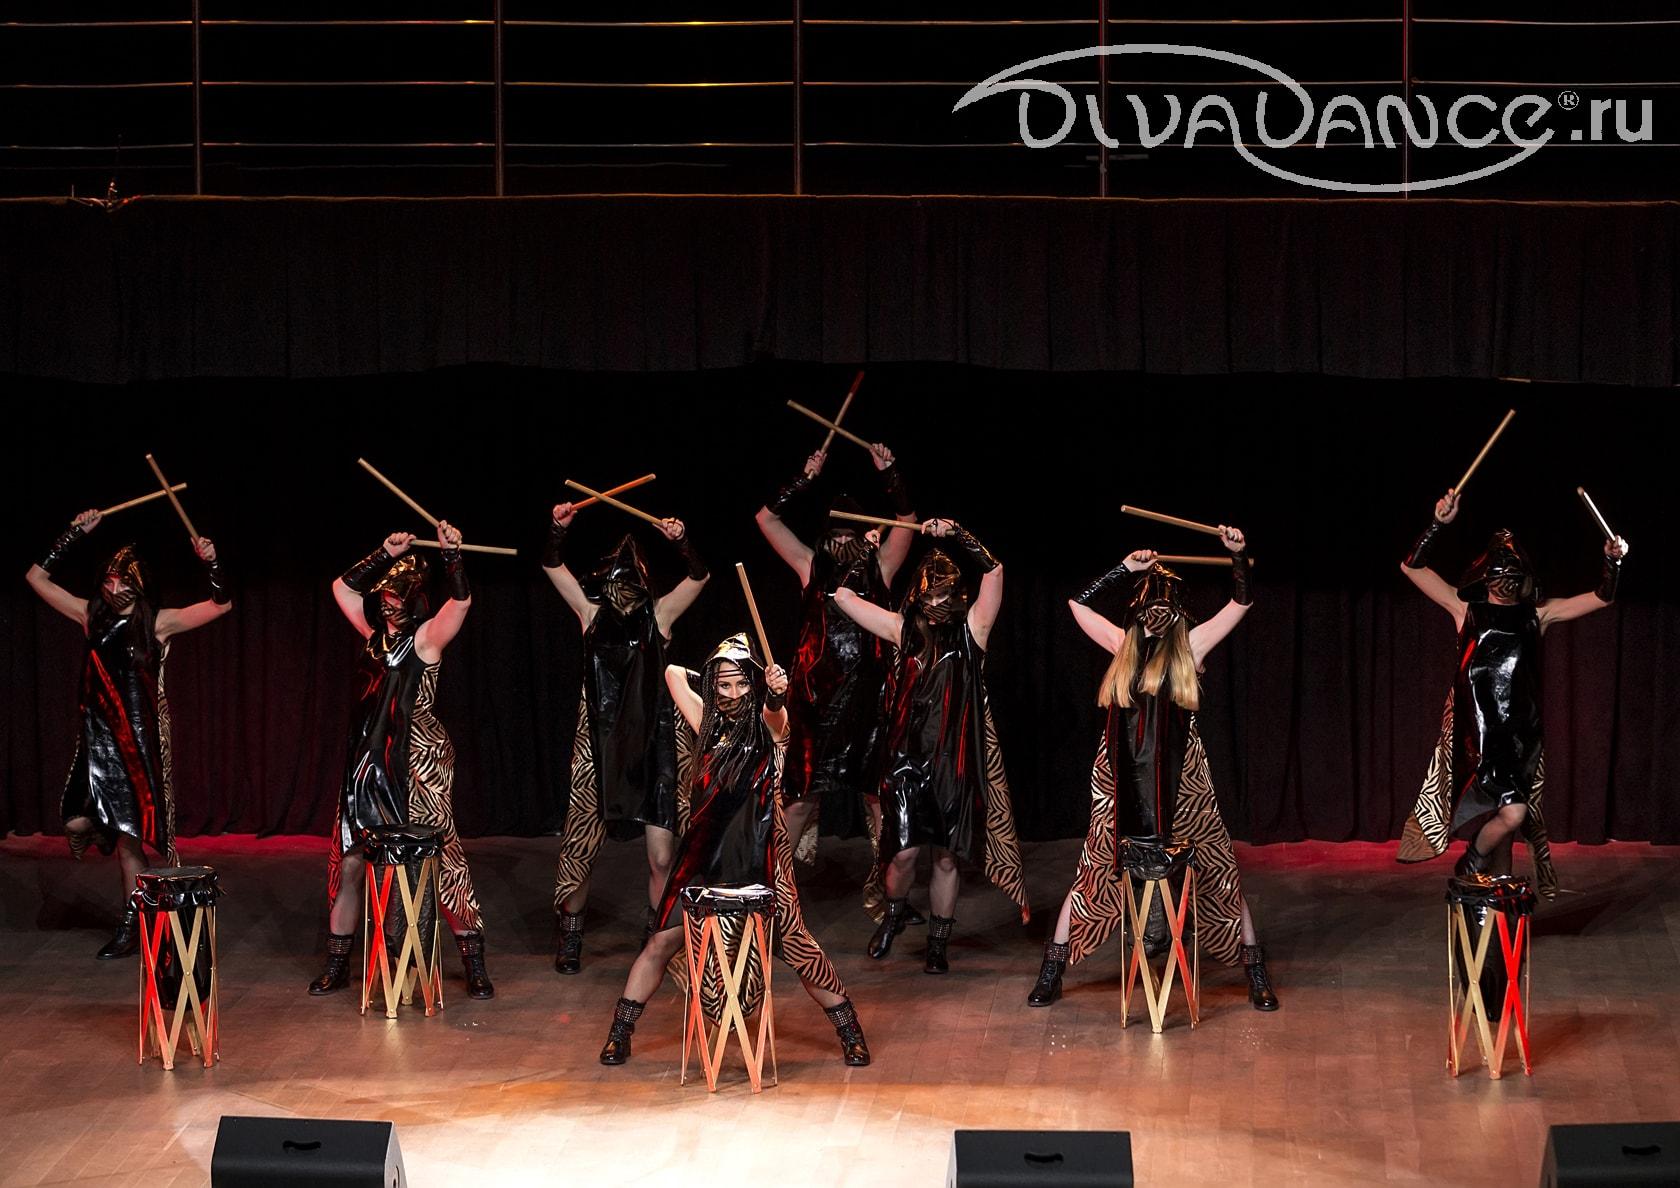 Танец на члене онлайн 3 фотография